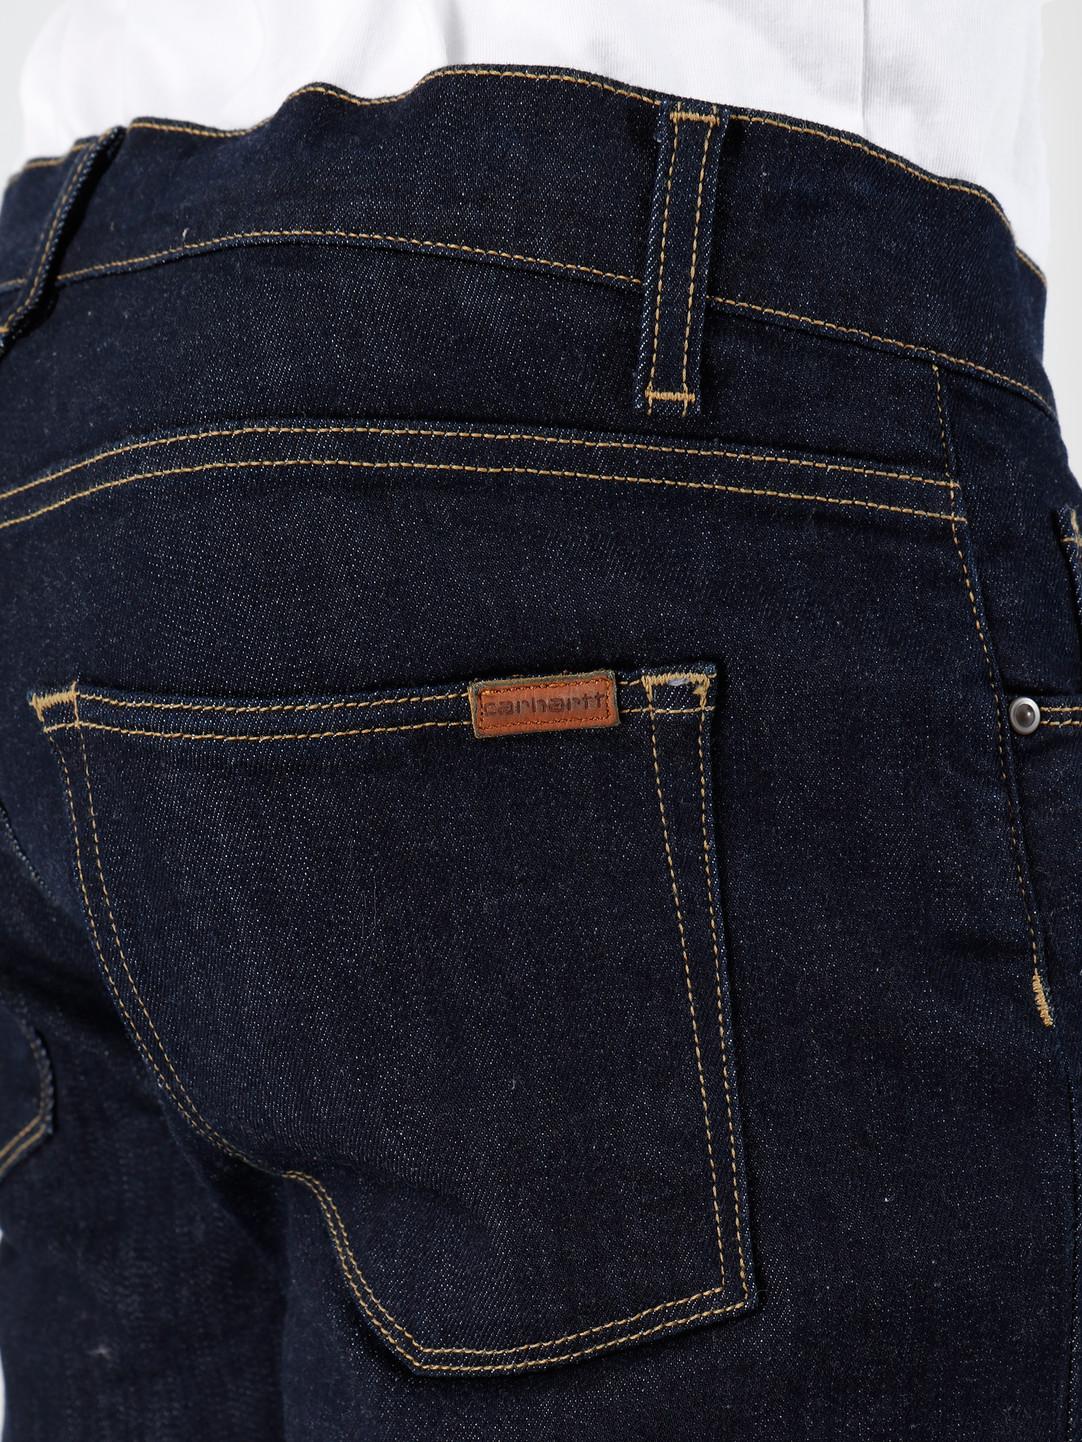 Carhartt WIP Carhartt WIP Swell Short One Wash Blue I023027-012Y